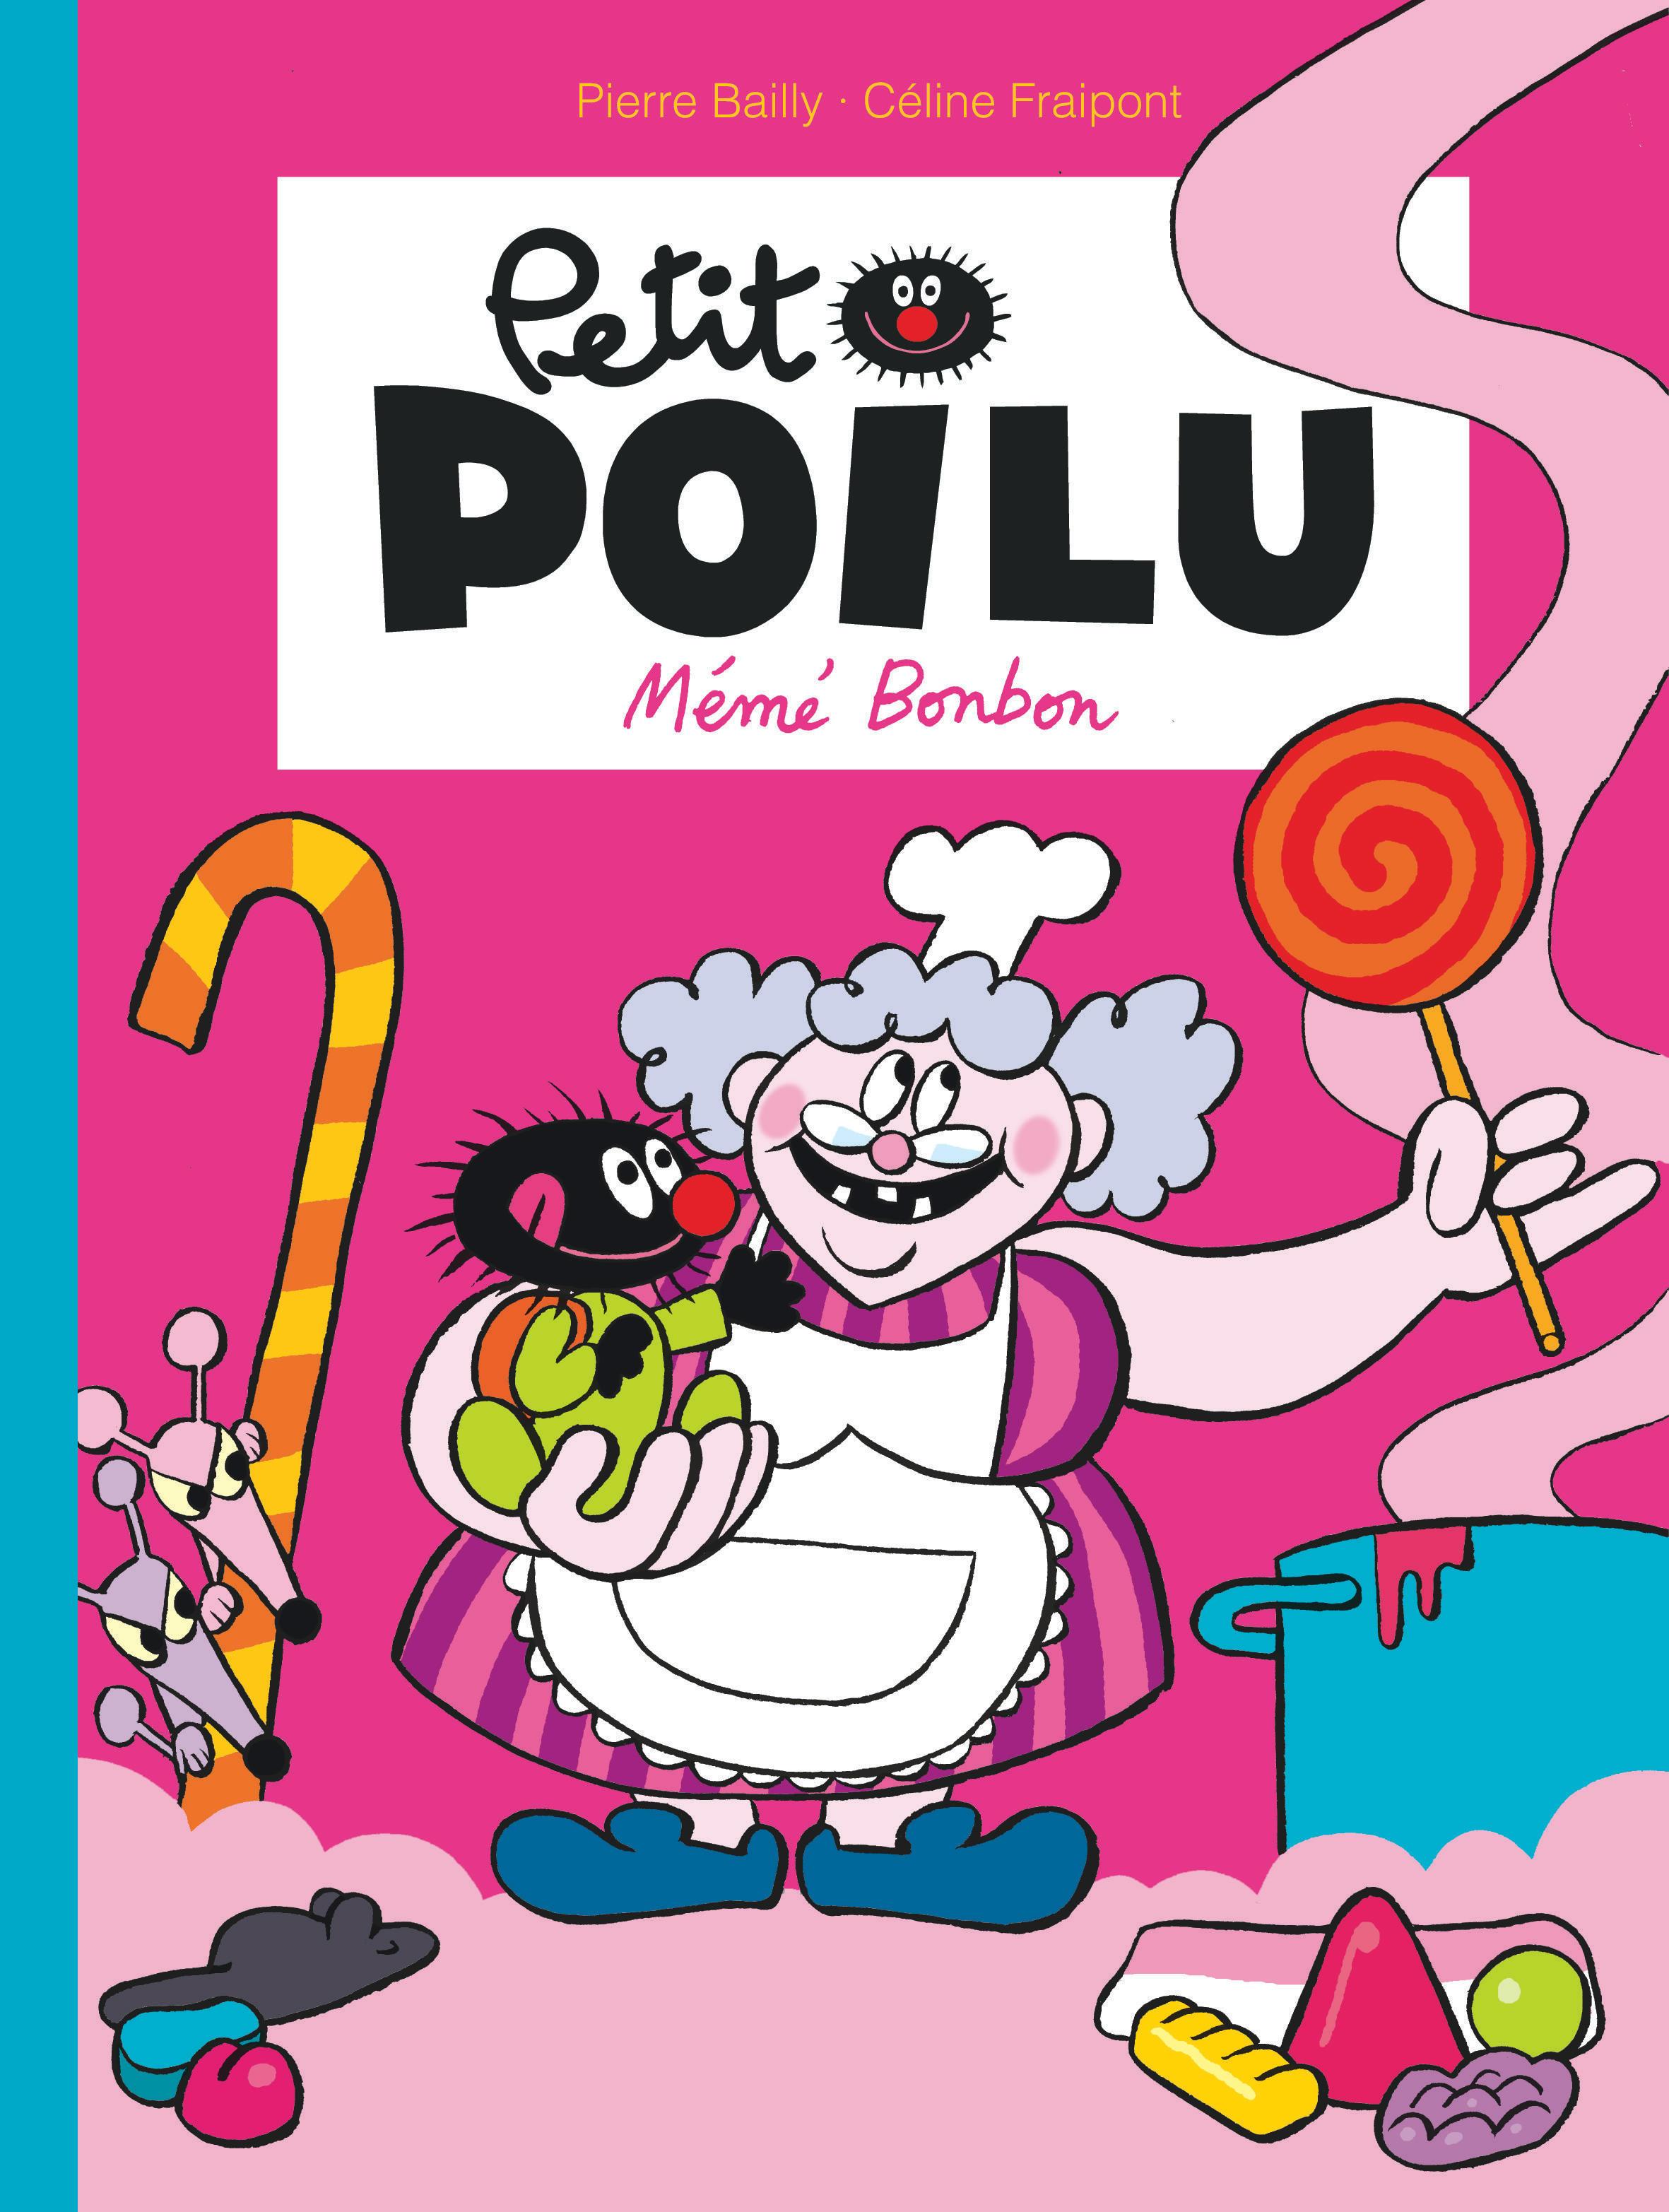 PETIT POILU - TOME 4 - MEME BONBON (NOUVELLE MAQUETTE)